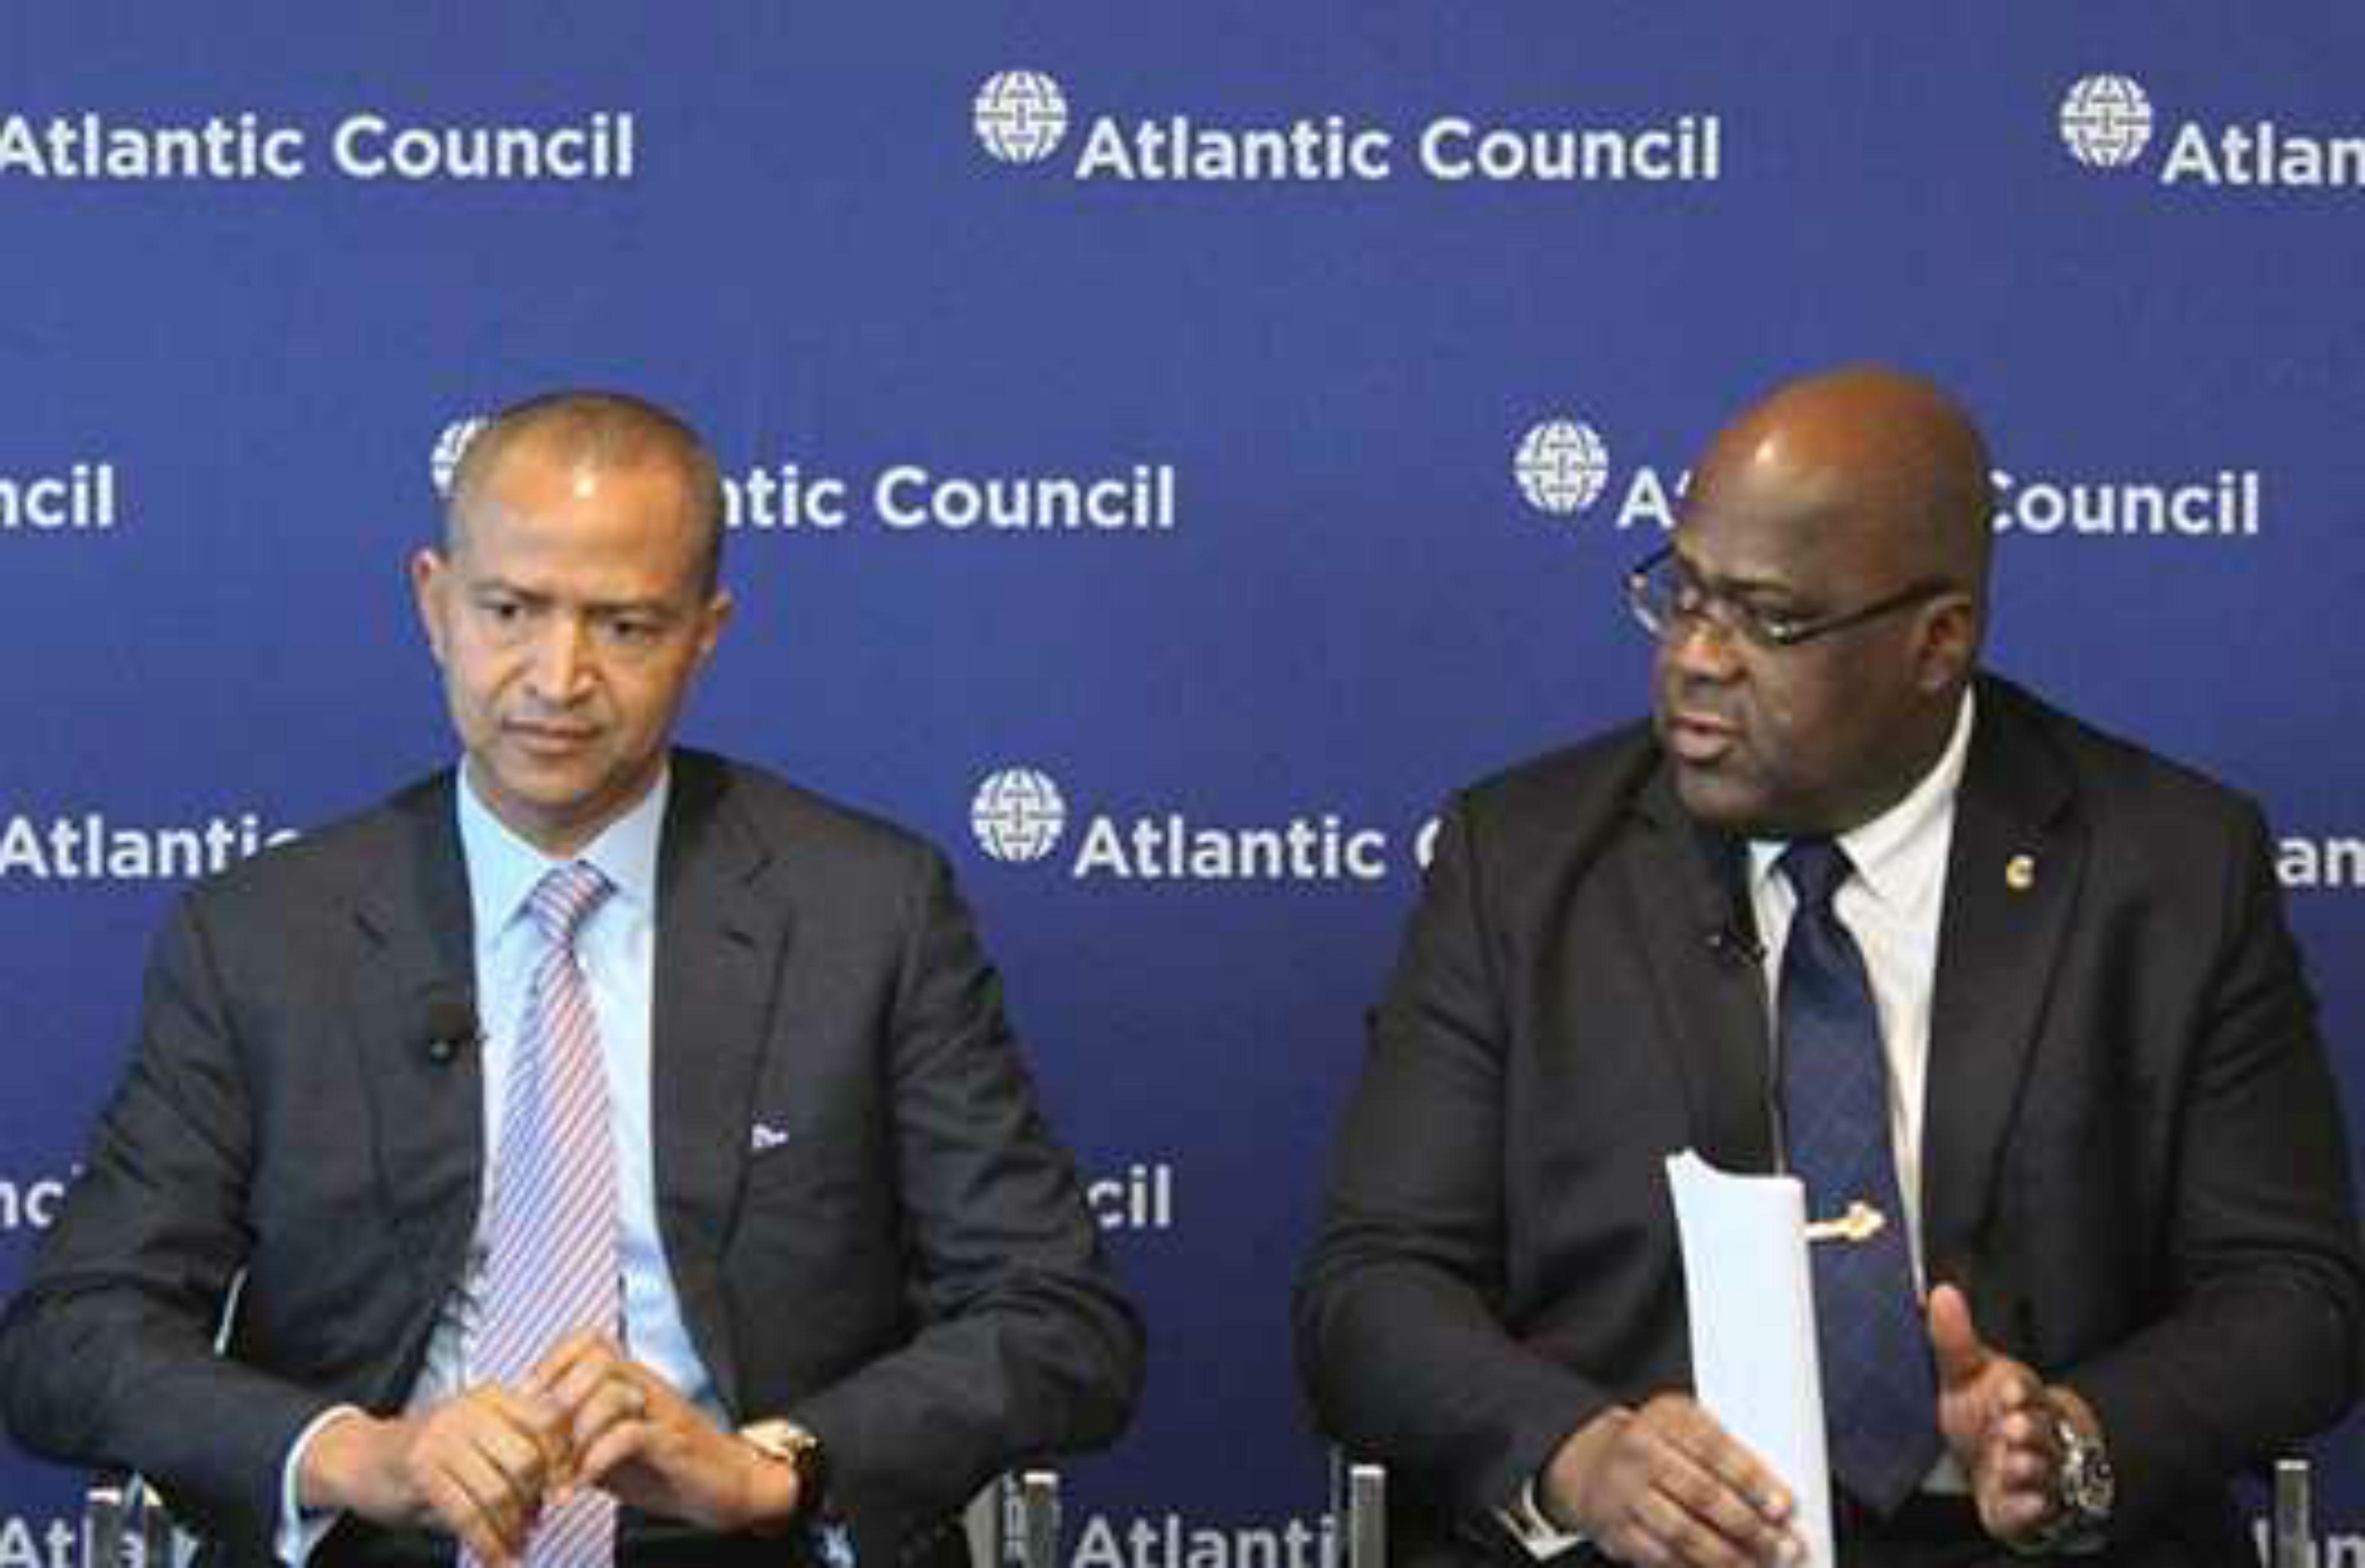 Moïse Katumbi et Félix Tshisekedi, lors de la conférence devant le think tank Atlantic Council, à Washington le 23 mai 2018.